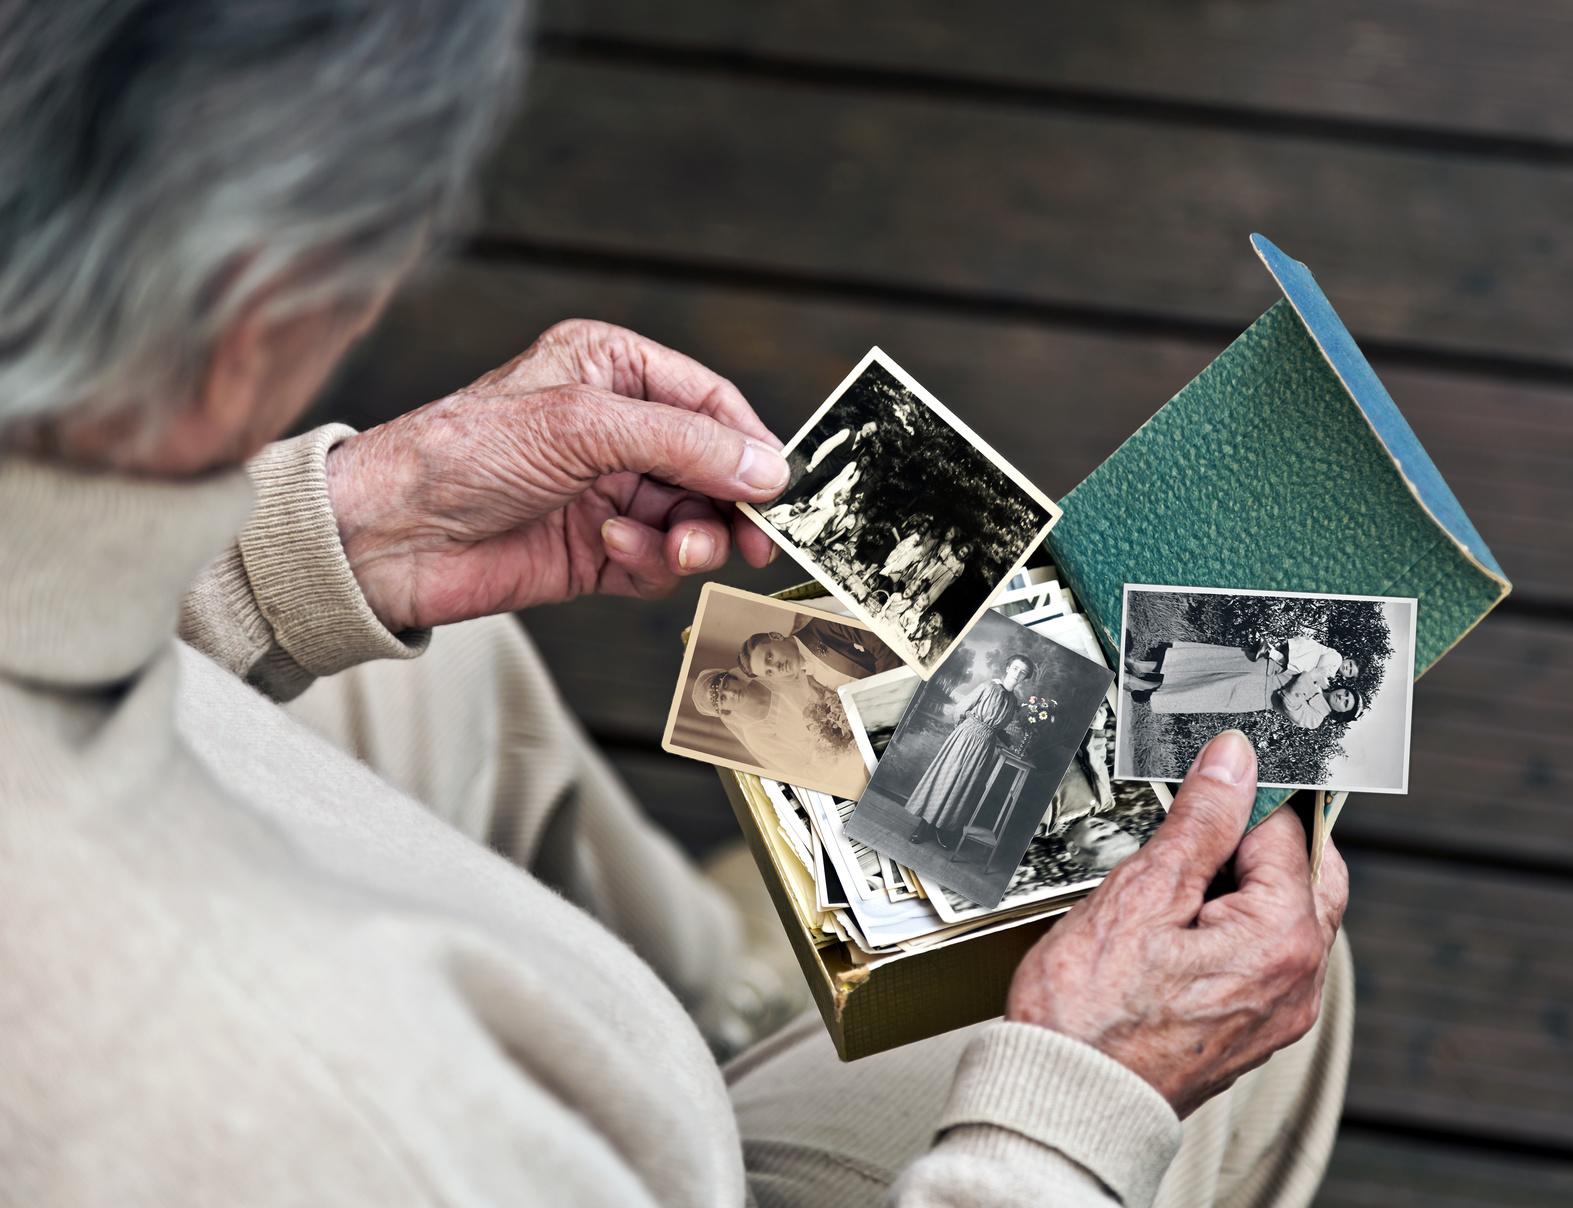 demenz-schwarz-weiss-fotos-fotoalbum-keine-erinnerung-beiger-pullover